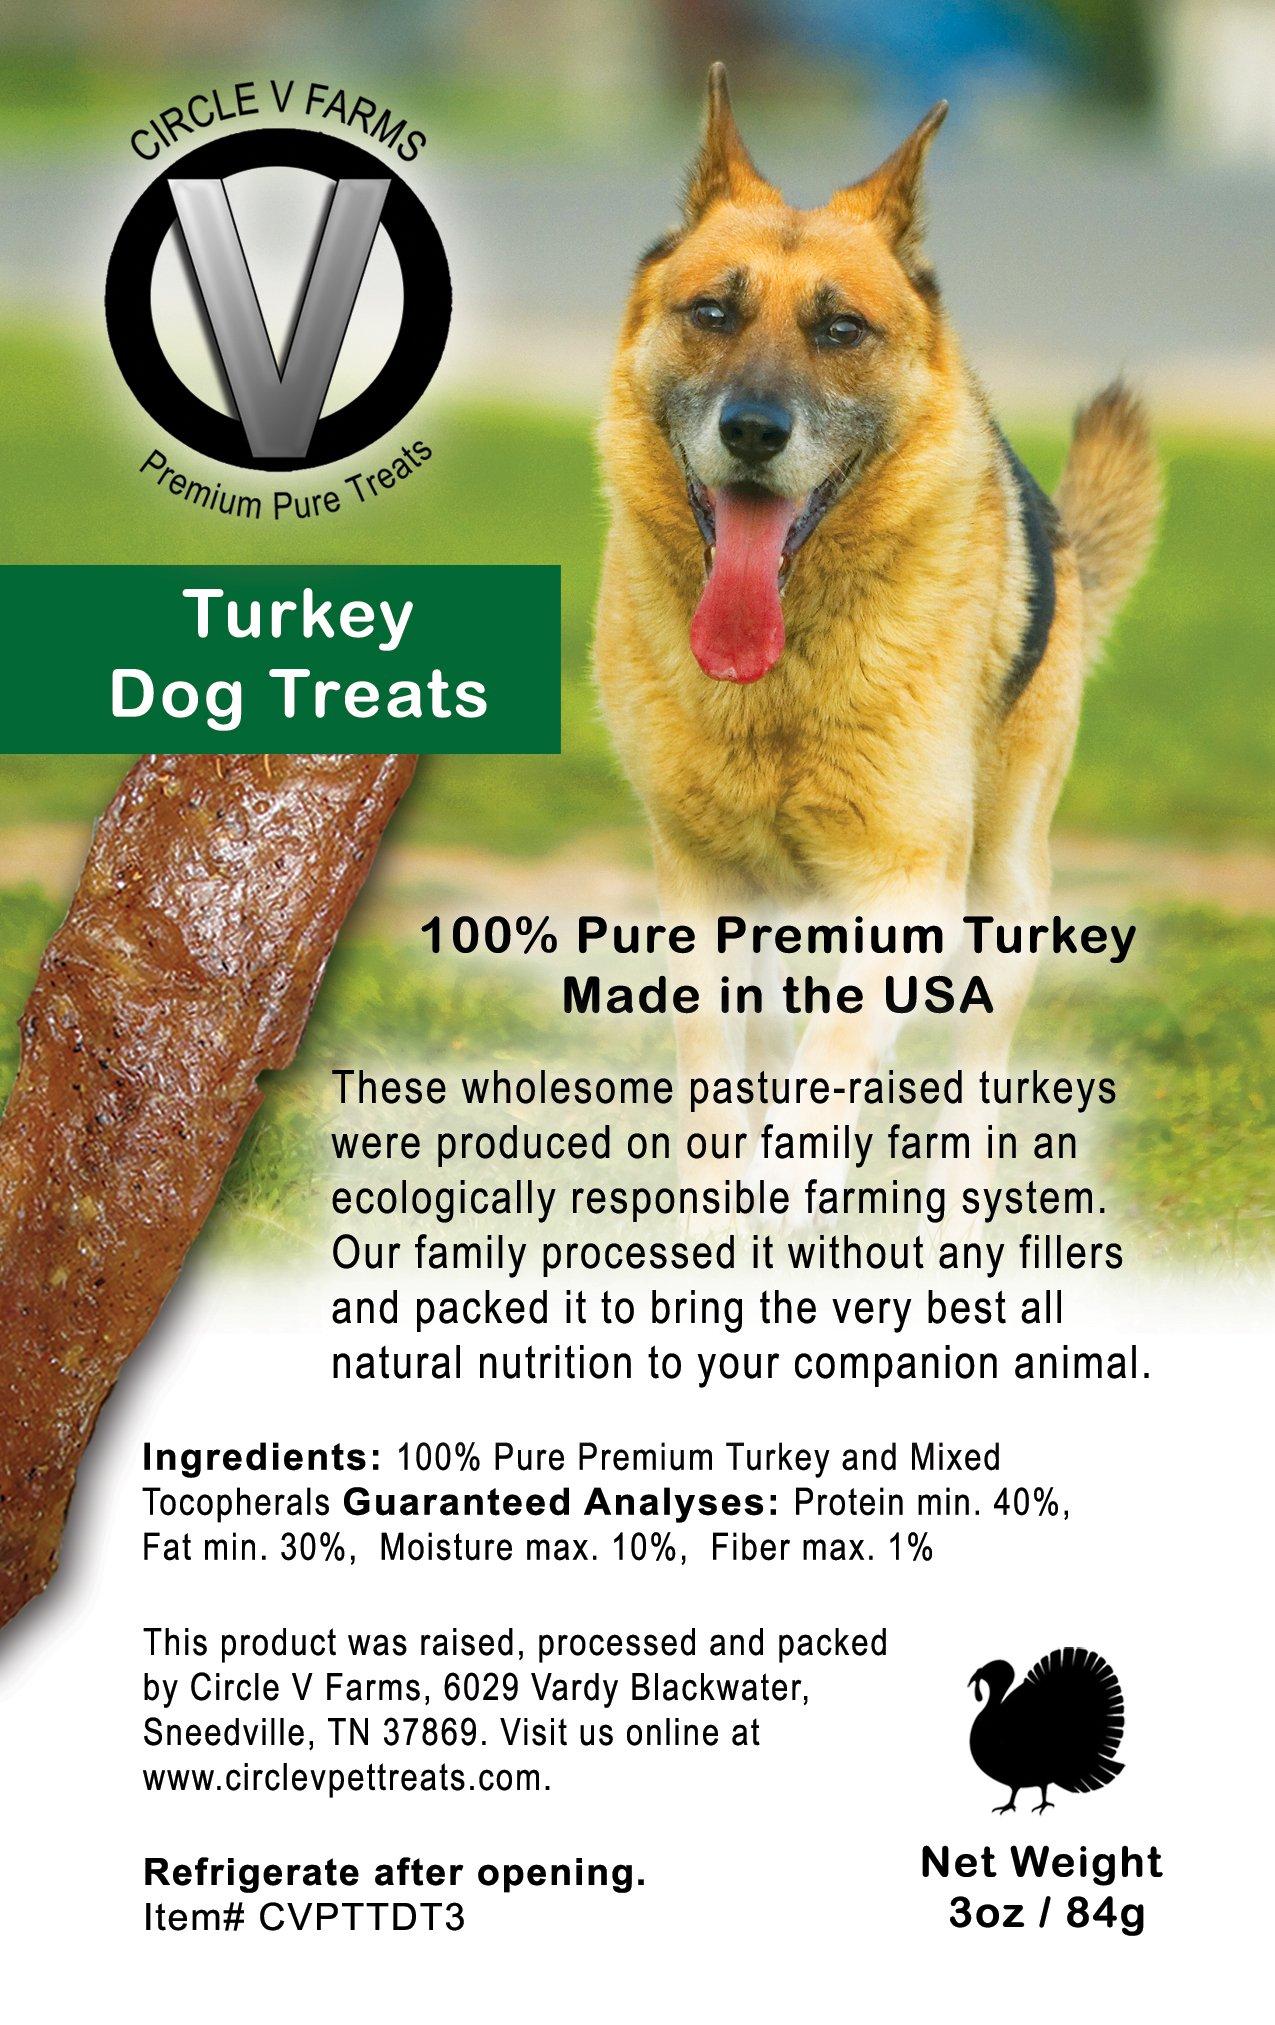 Circle V Turkey Dog Treats